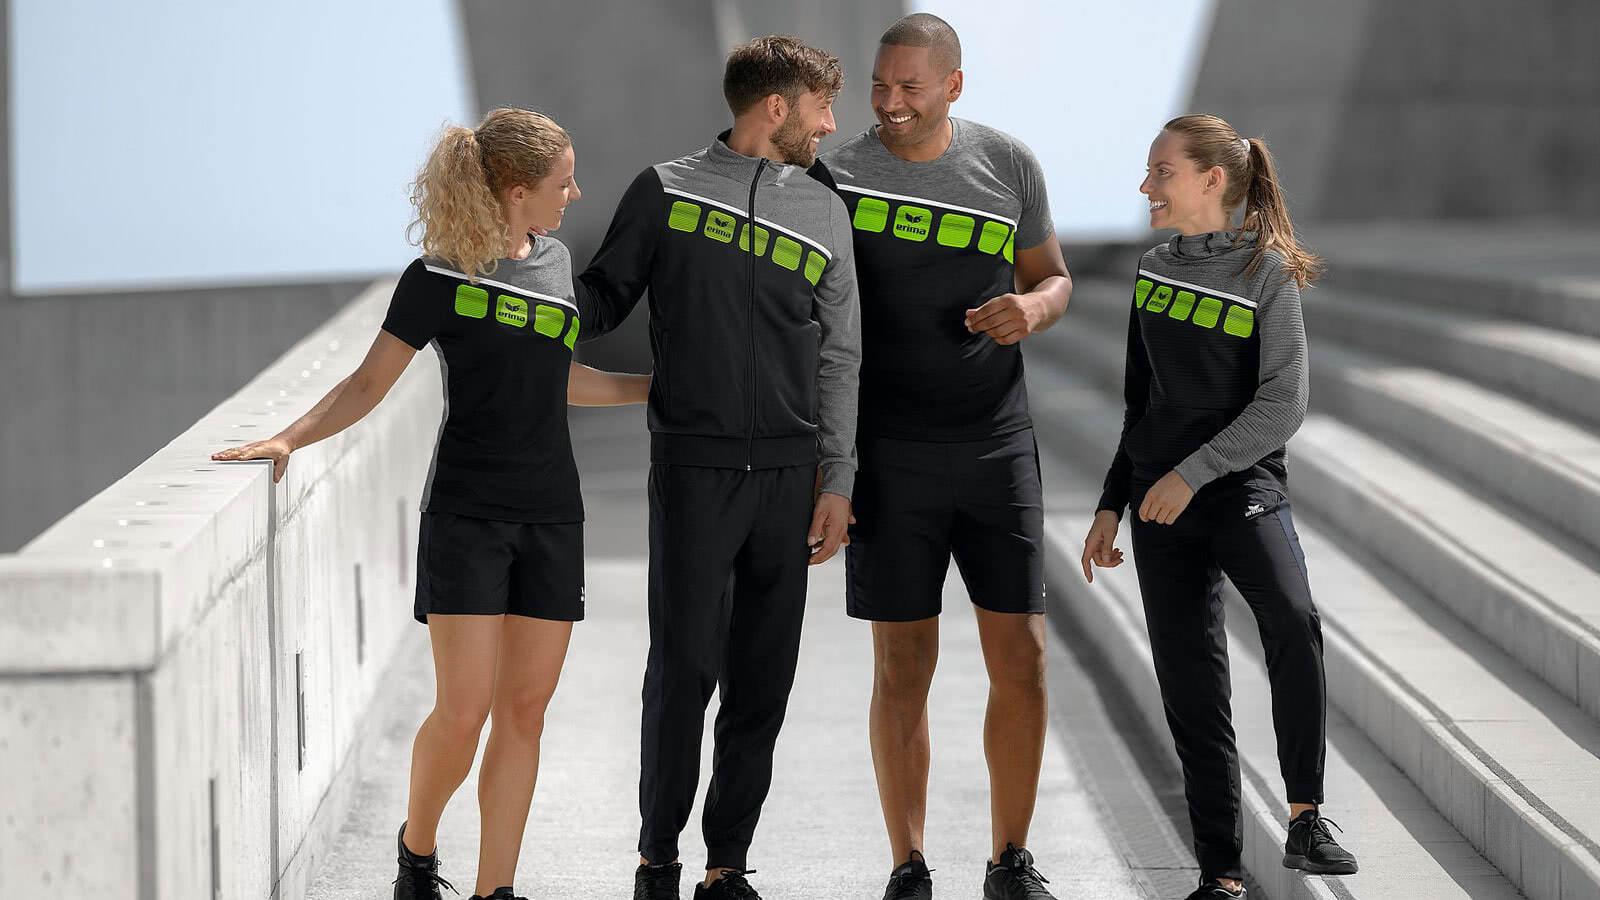 Die Erima 5-C Sportbekleidung für alle Sportarten. Hol dir das Design der 5-Cubes.